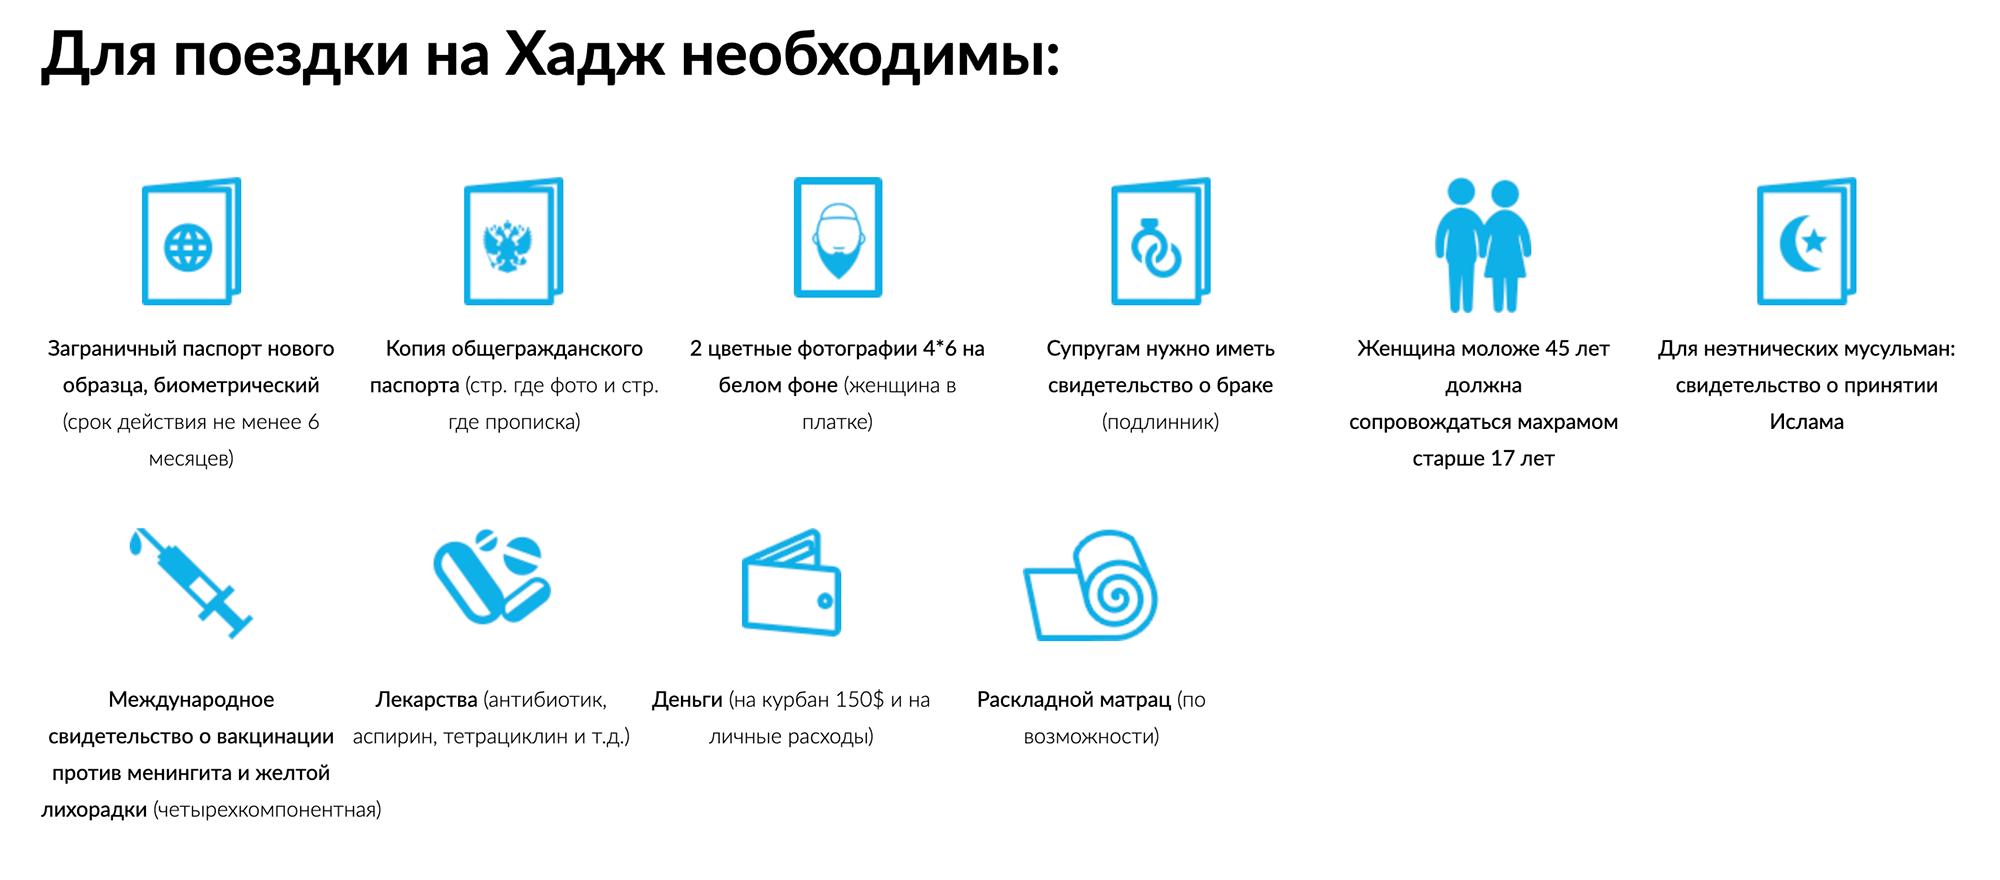 Сайт турагентства, которое организует хадж дляпаломников из России. Там указано, что неэтническим мусульманам необходимо предоставлять справку о принятии ислама